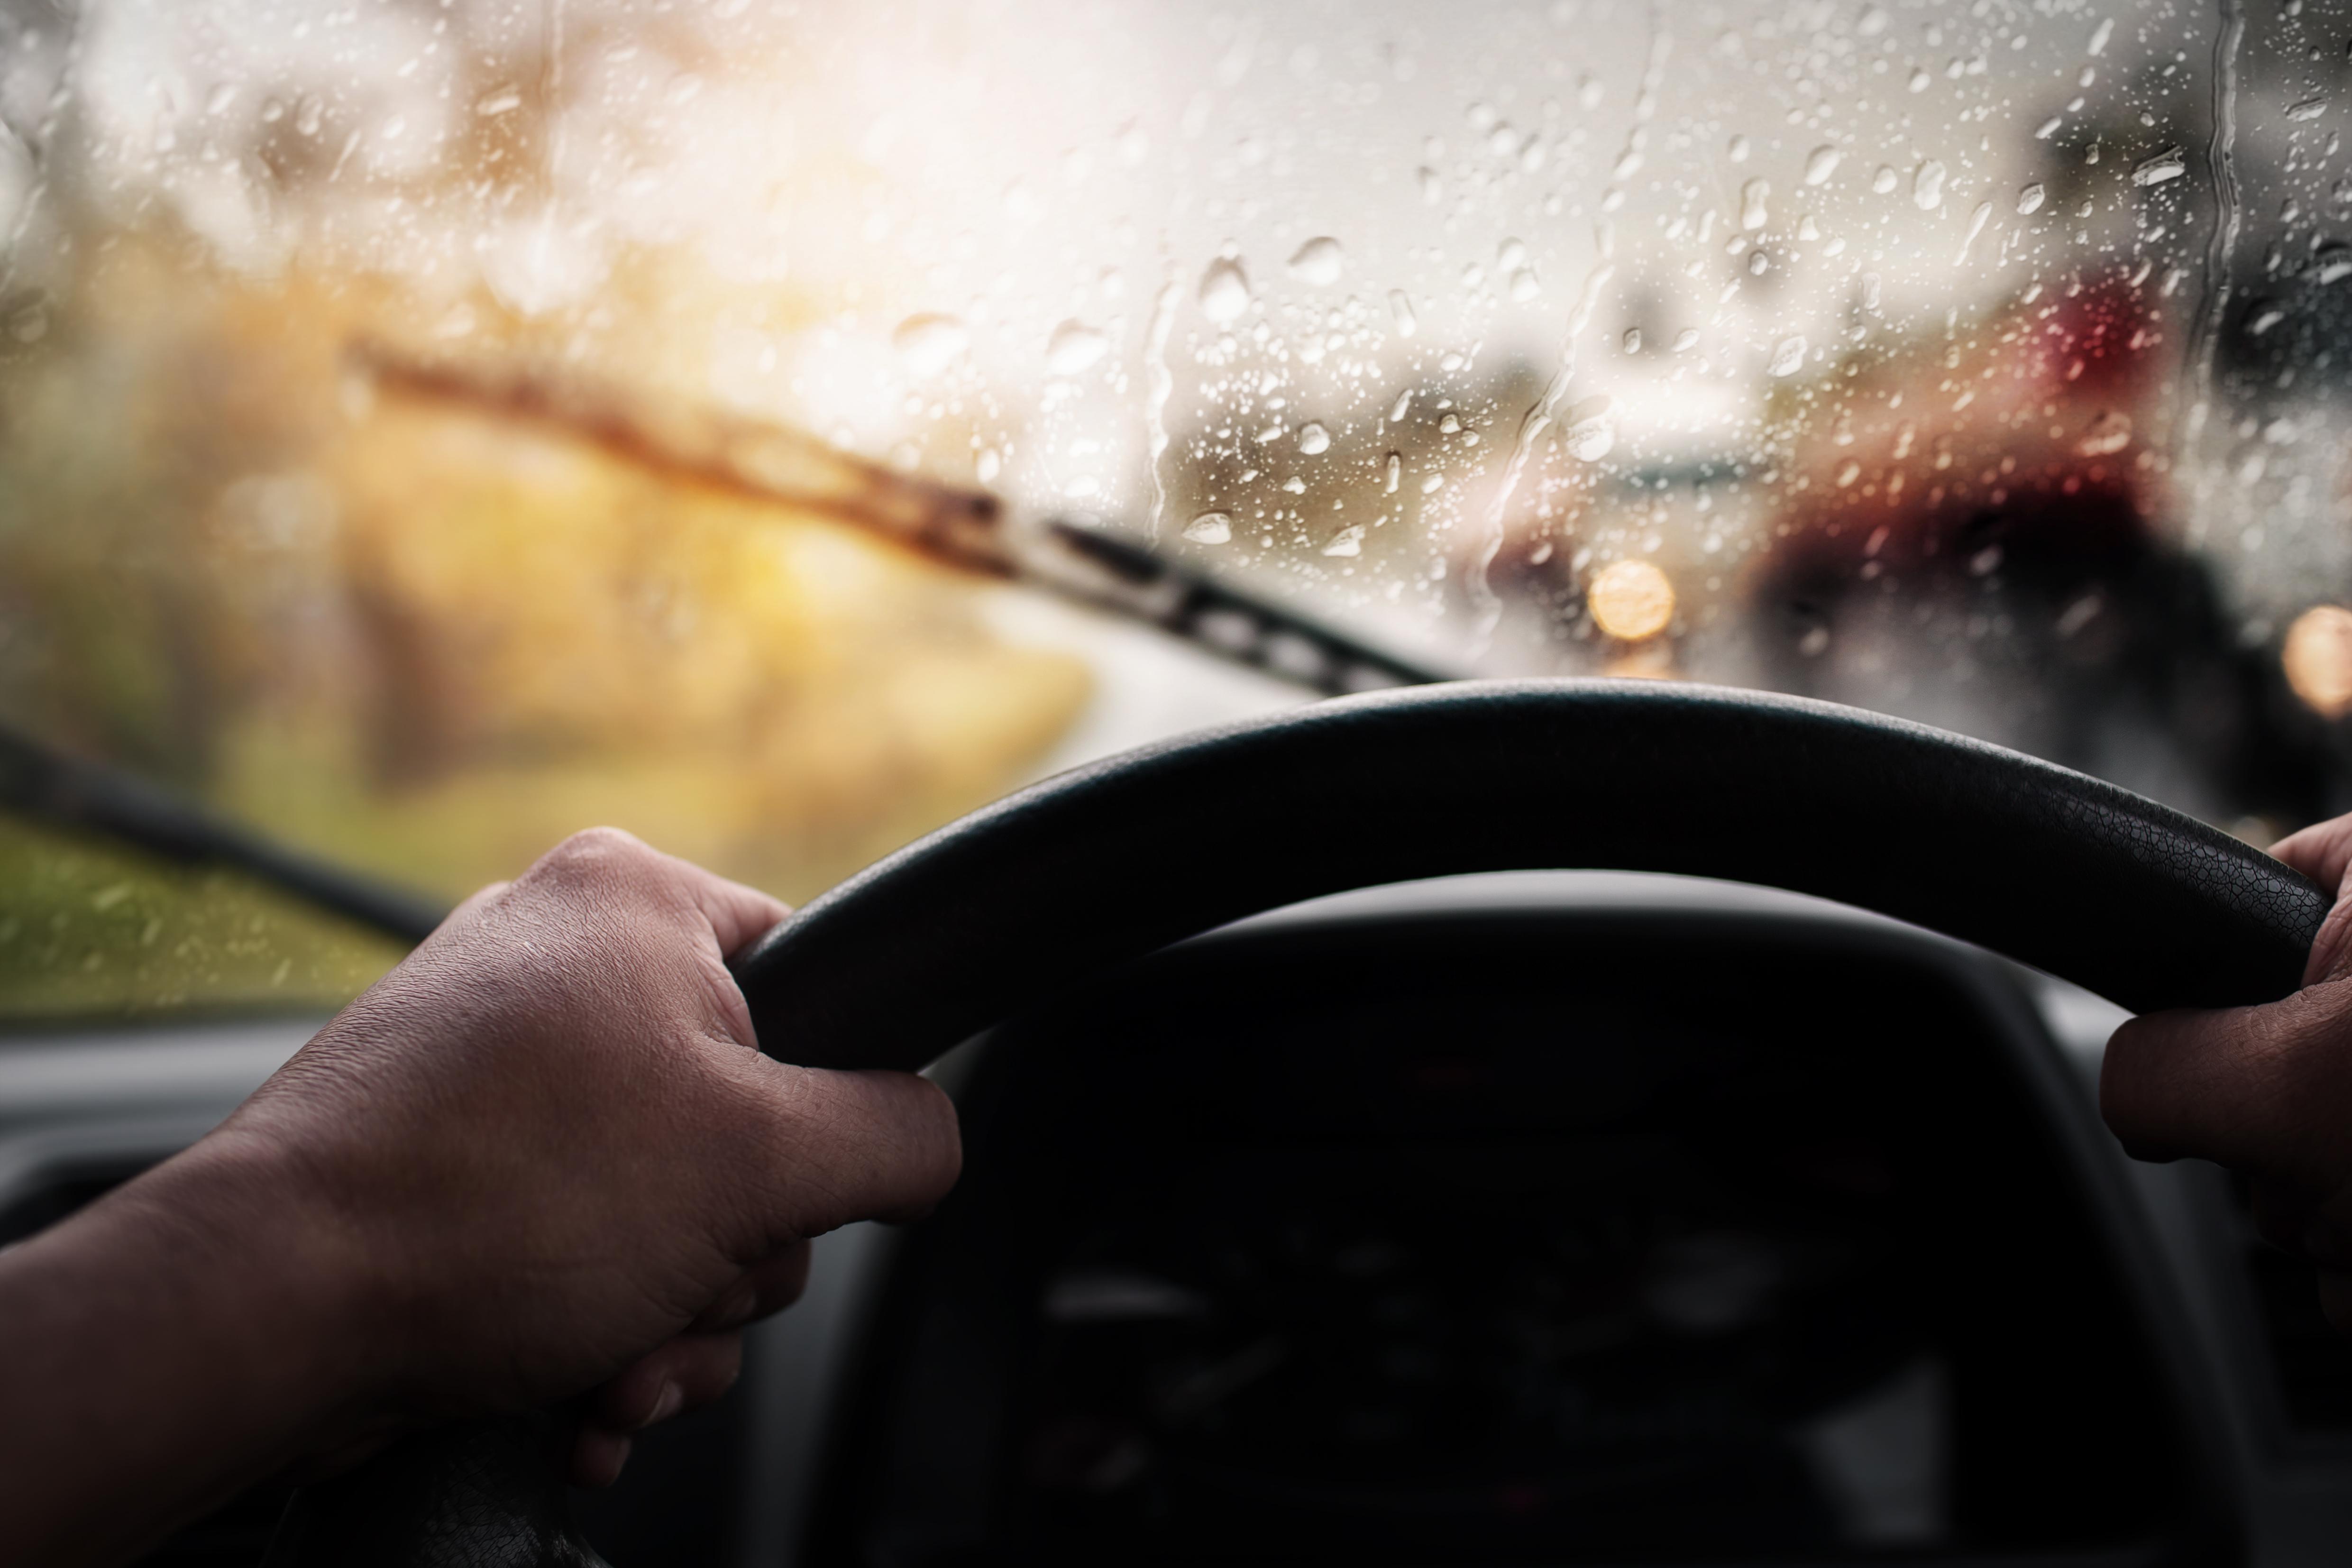 Conduciendo bajo una tormenta